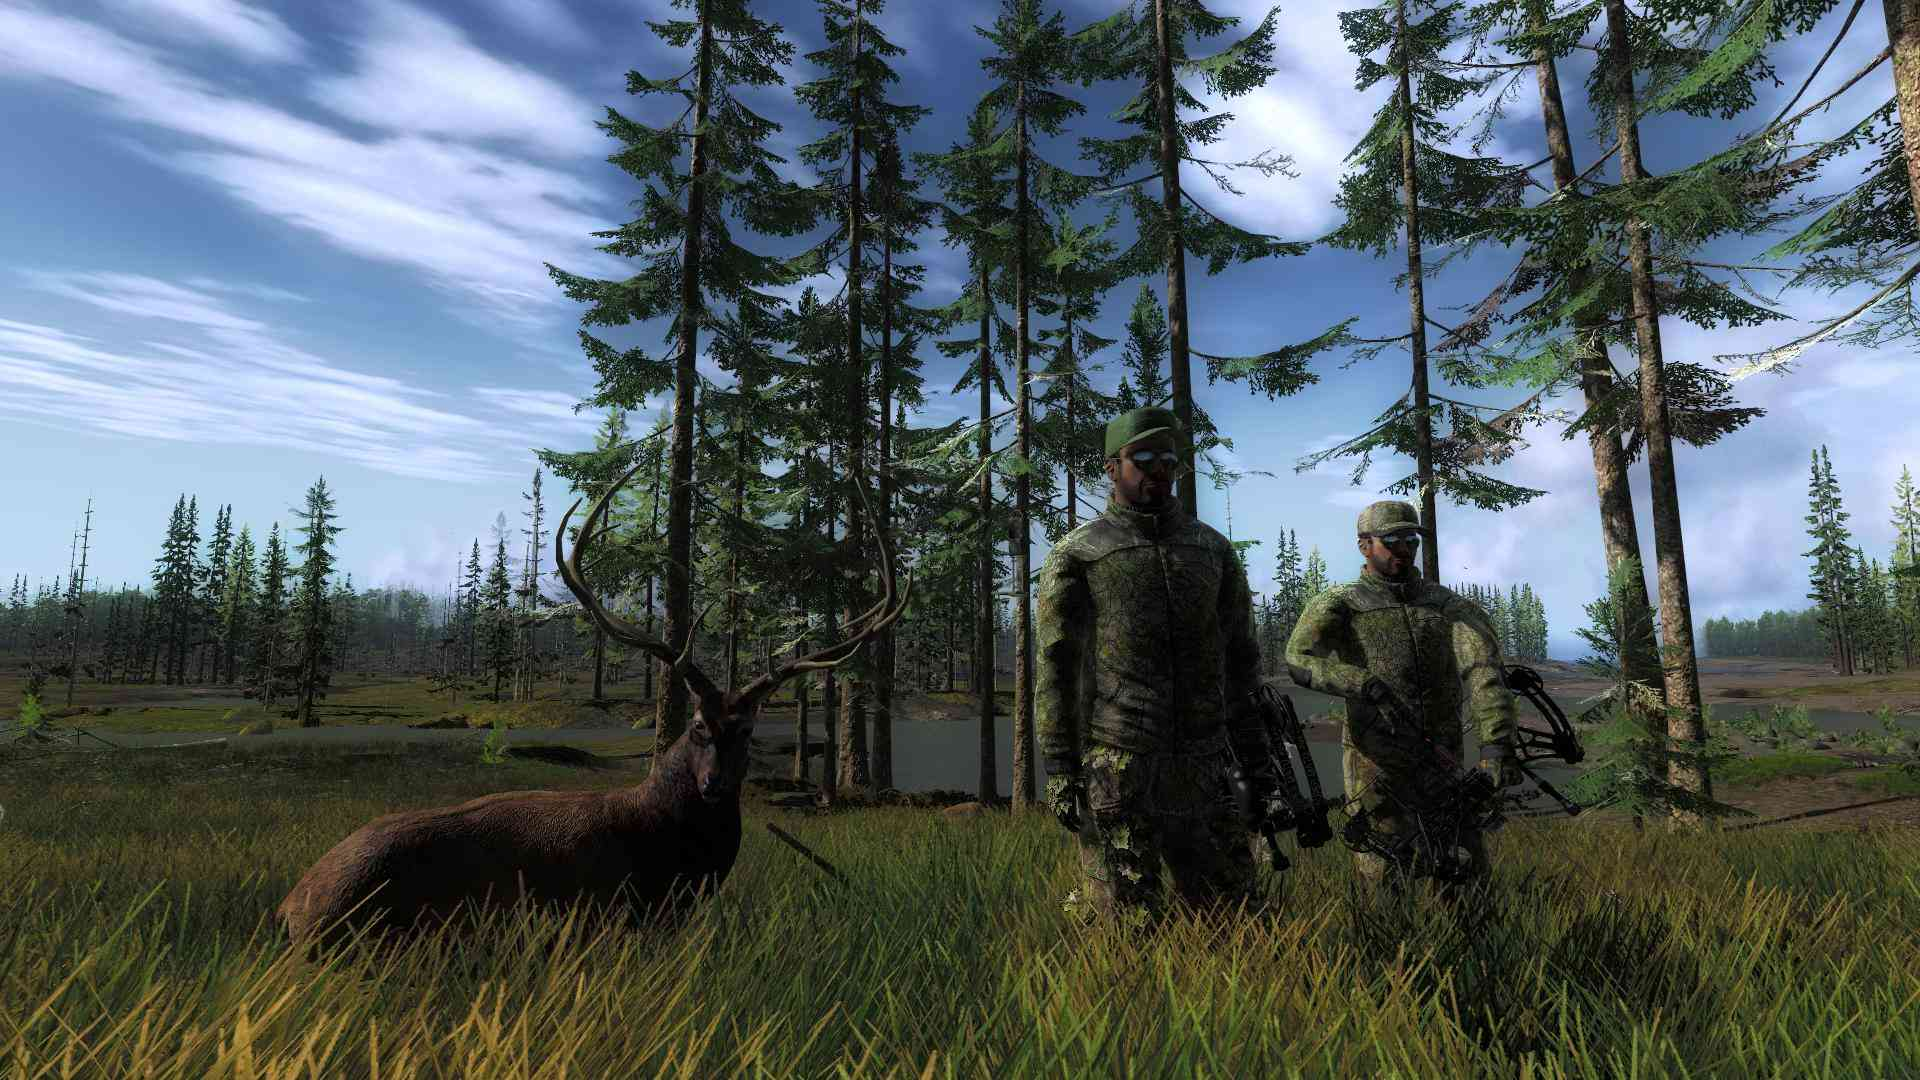 Fotografie in multiplayer con i Nostri AMICI - Pagina 13 B222af10